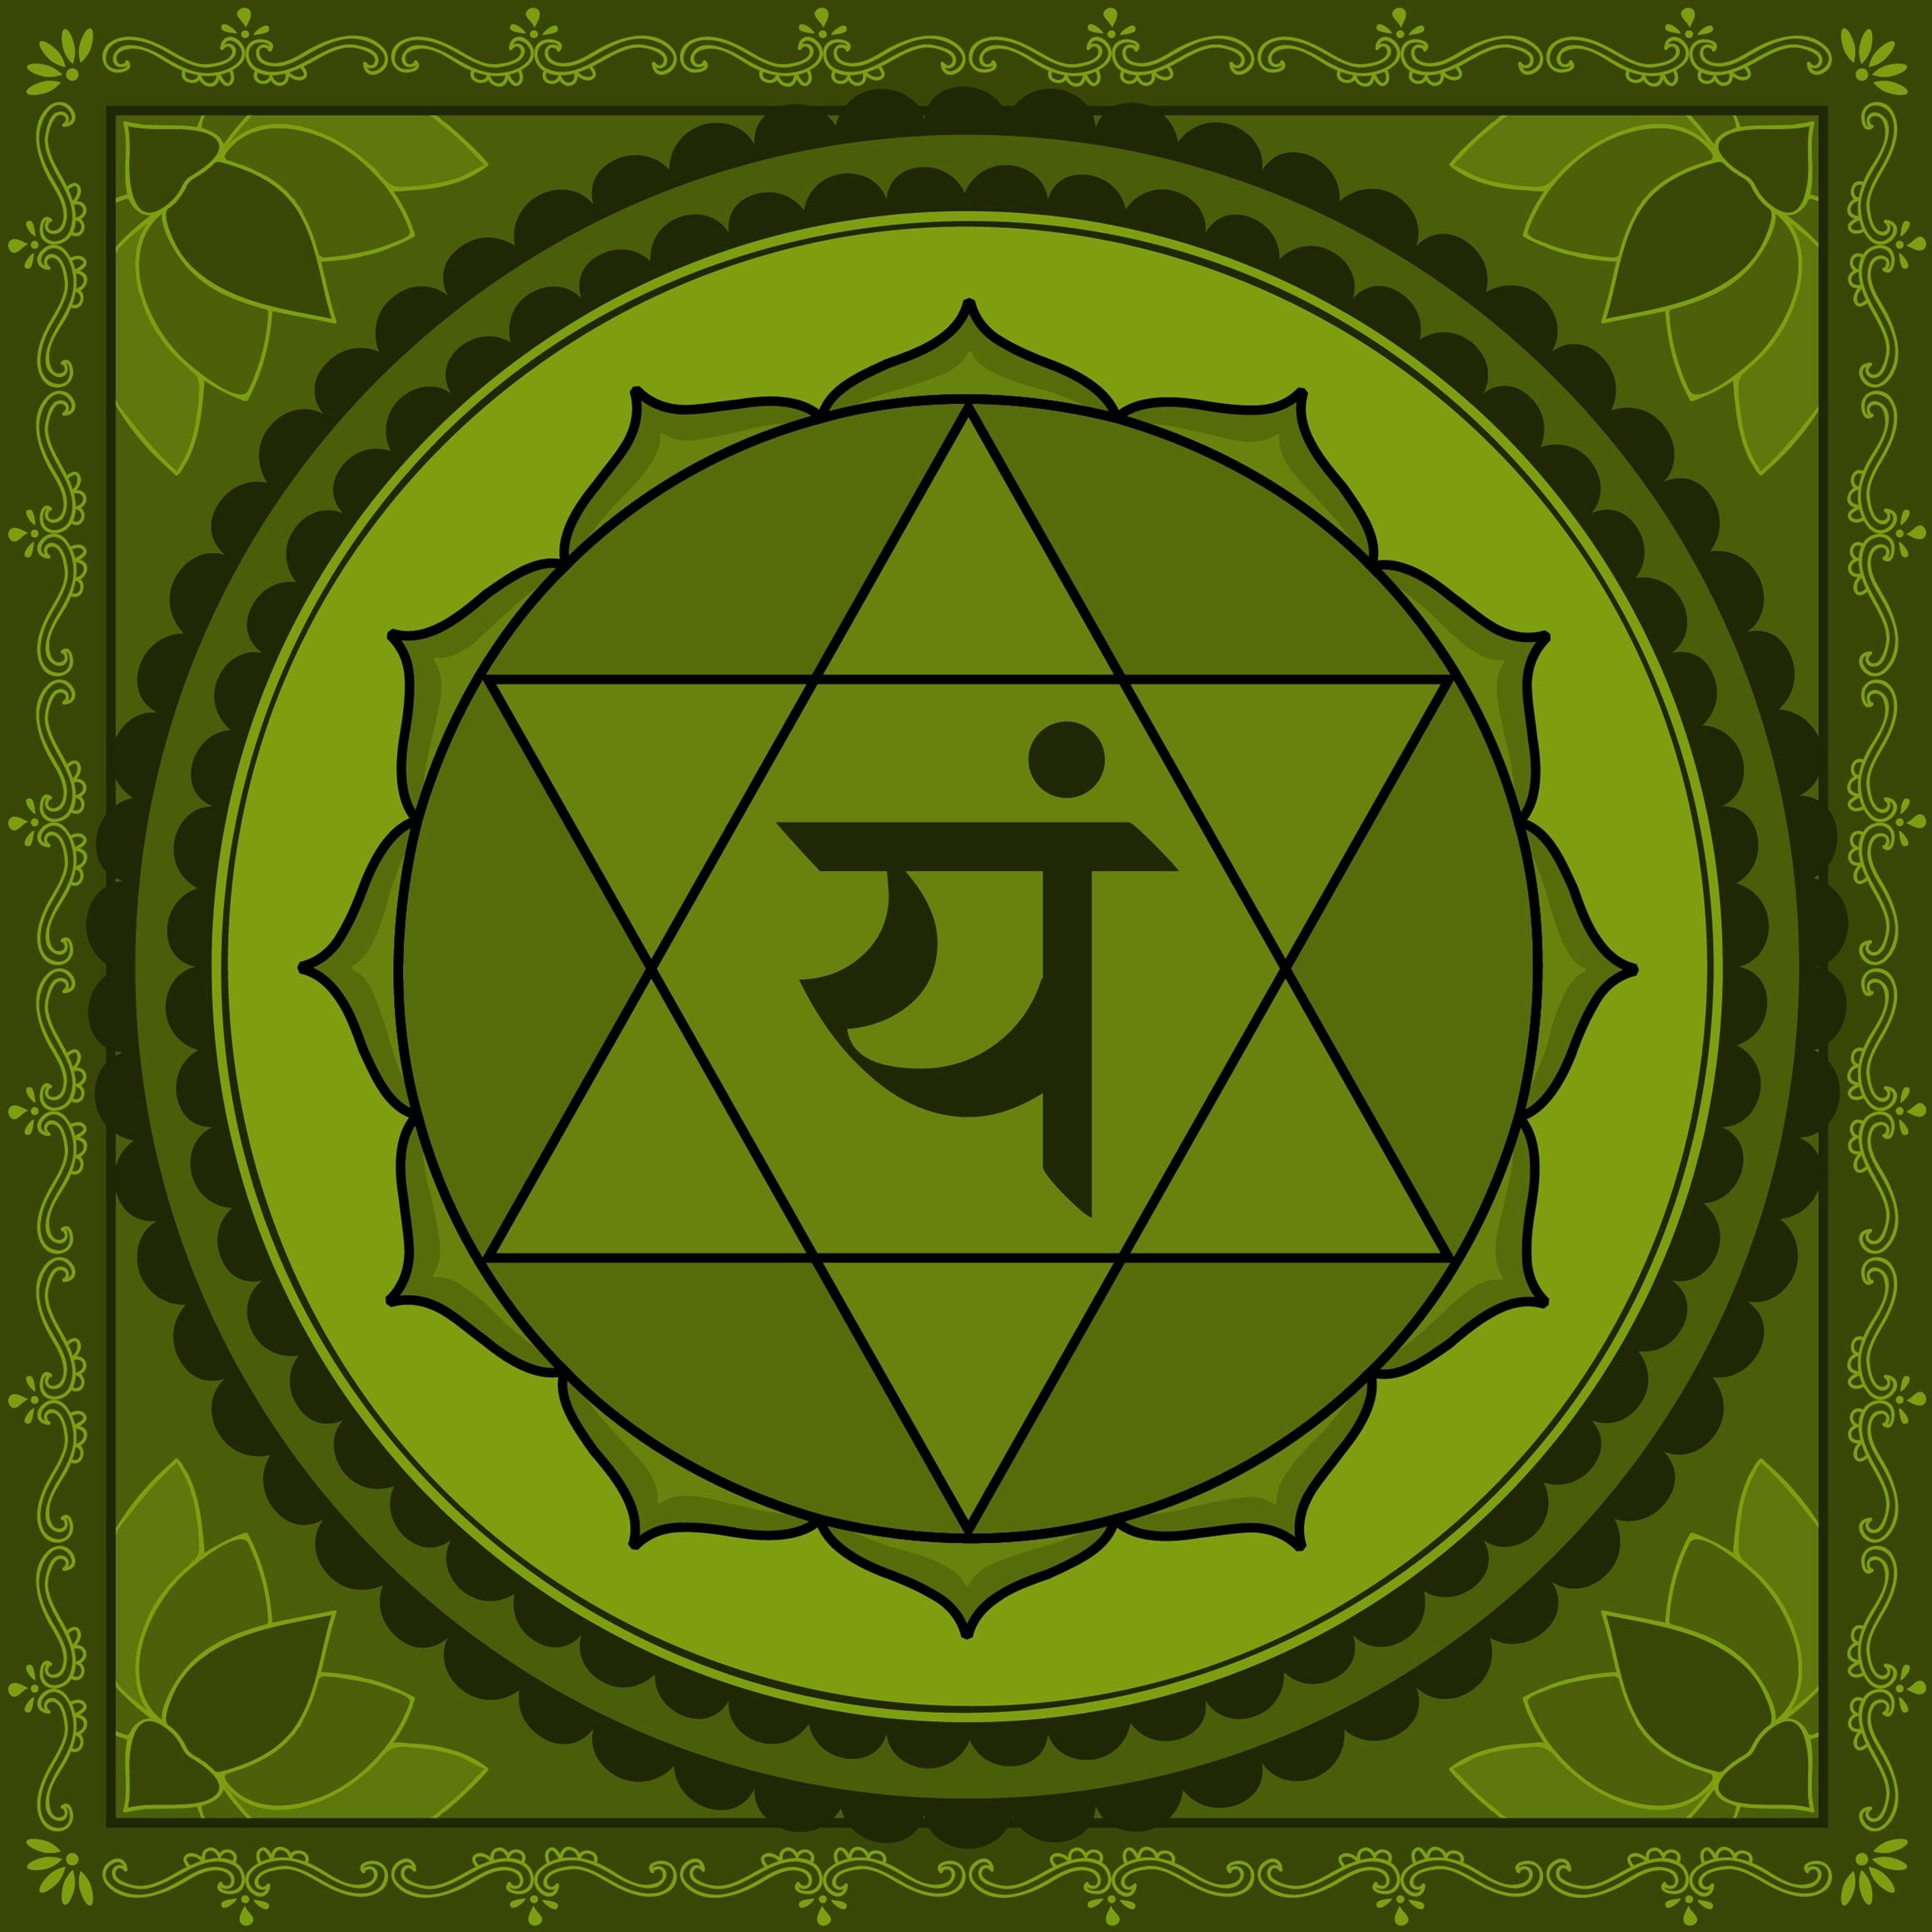 Affirmations à réciter (matin et soir) pour l'équilibrage de l'énergie de vos chakras 754c6f_ae29250d09db46d1a91e09d671f1a0c0